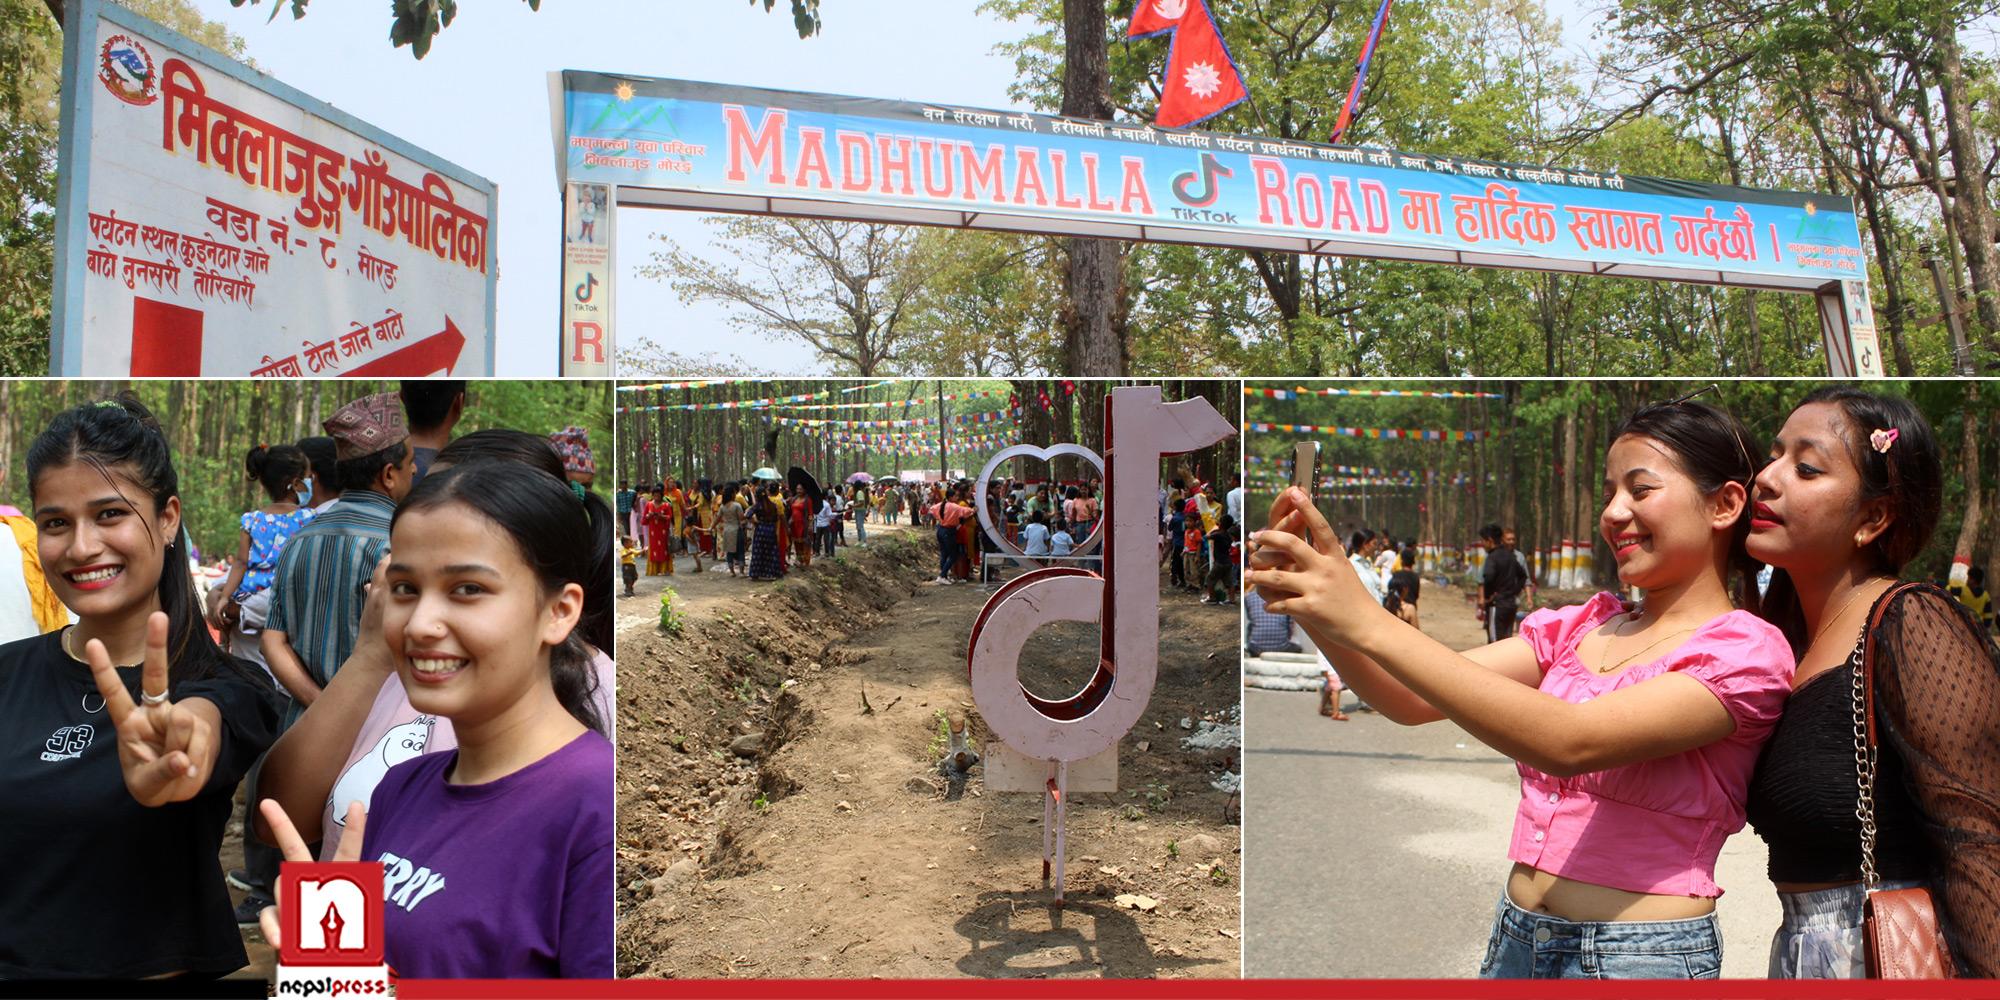 पर्यटक लोभ्याउन मधुमल्लामा 'टिकटक रोड'